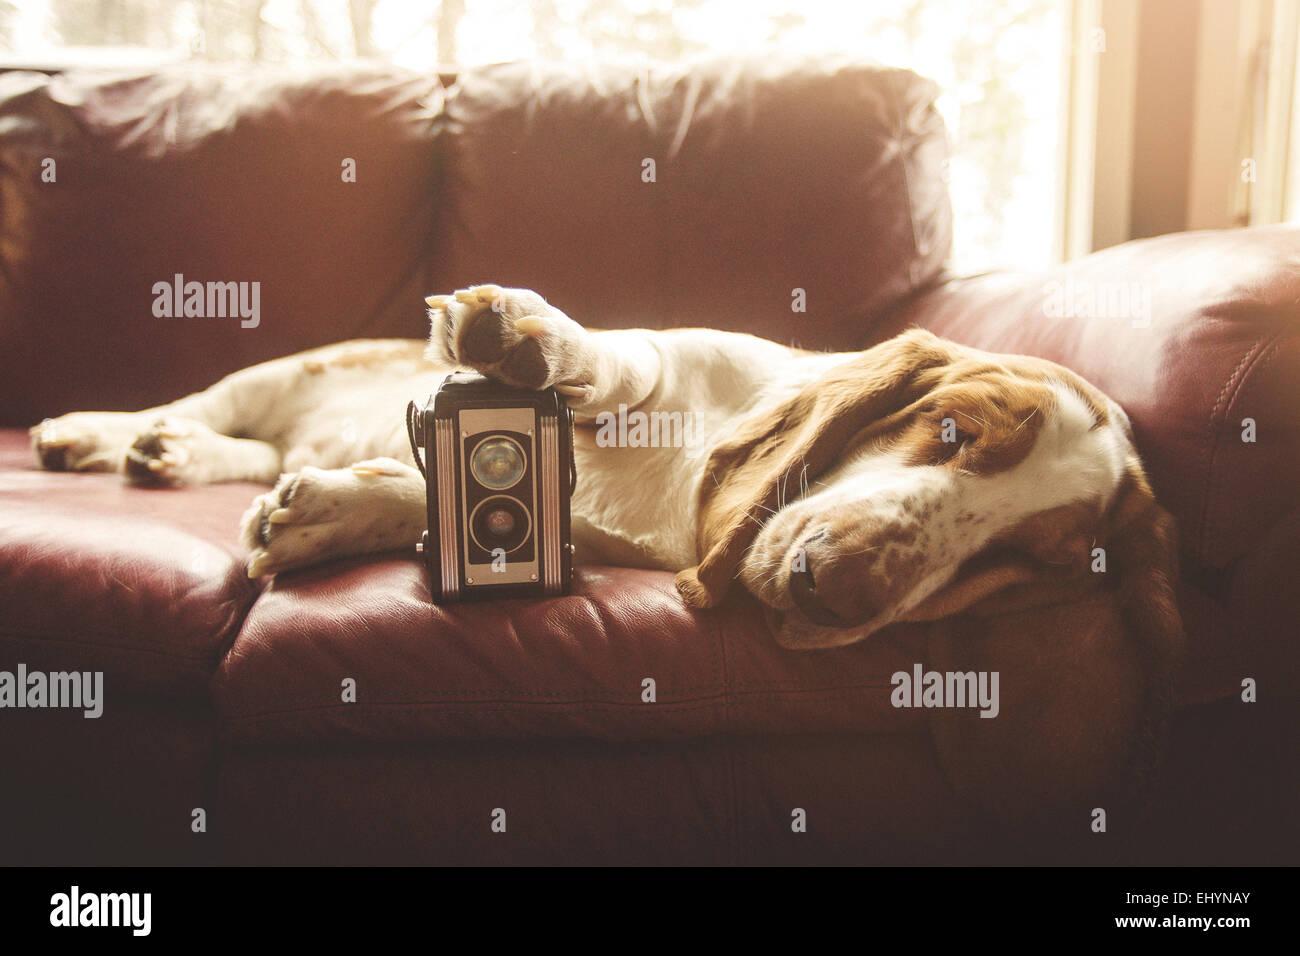 Cane sdraiato sul divano con una fotocamera vintage Immagini Stock